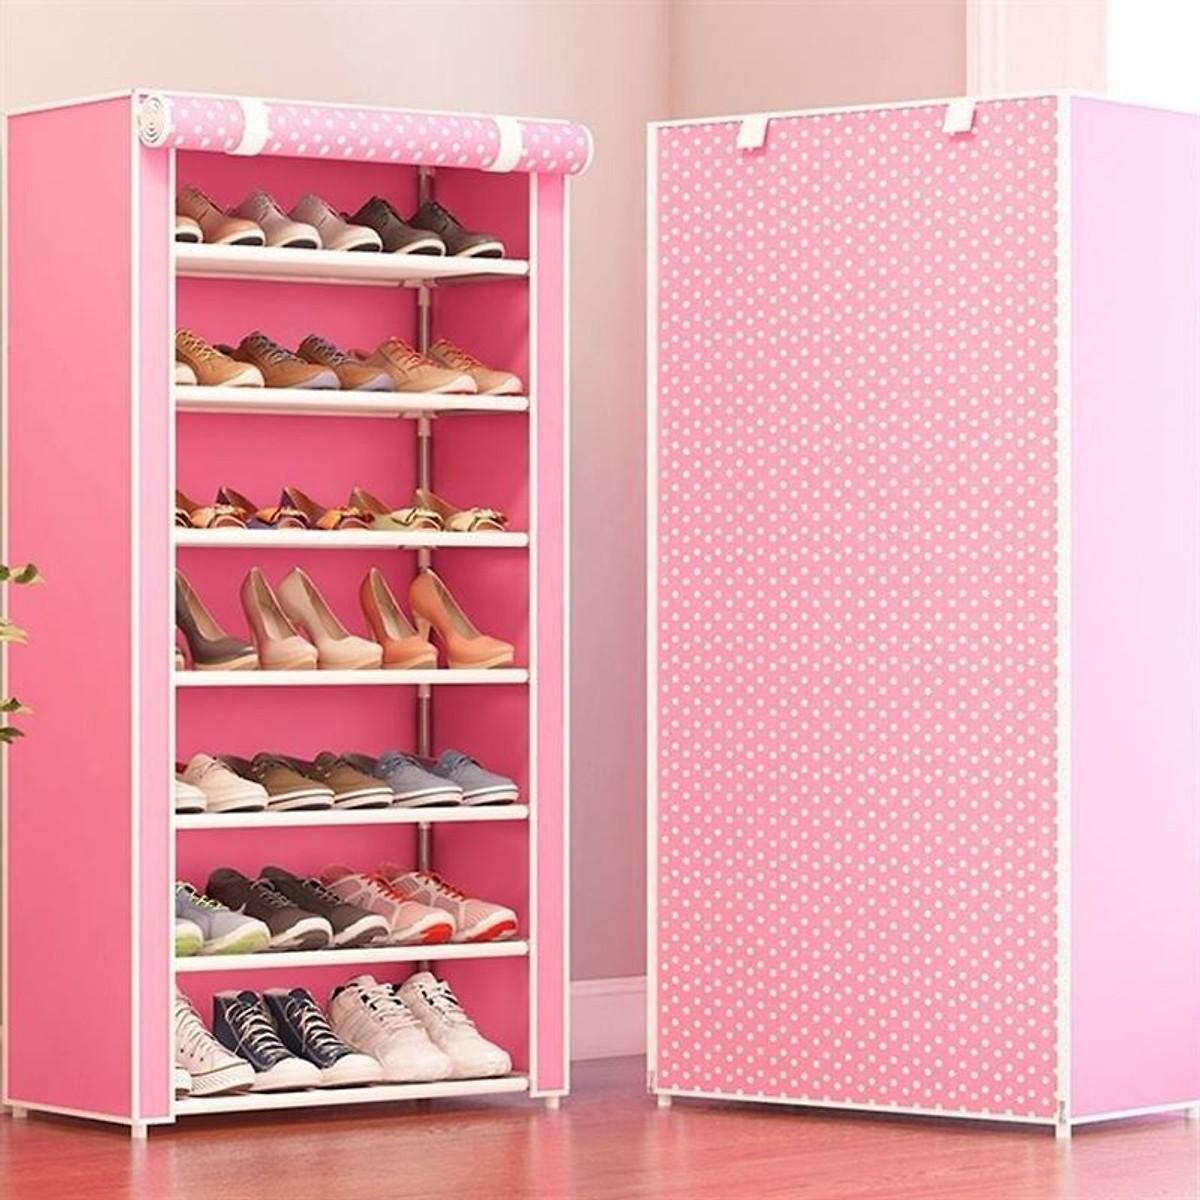 Tủ để giày 7 tầng đa năng, thiết kế nhỏ gọn, dễ dàng di chuyển tới nhiều không gian khác nhau